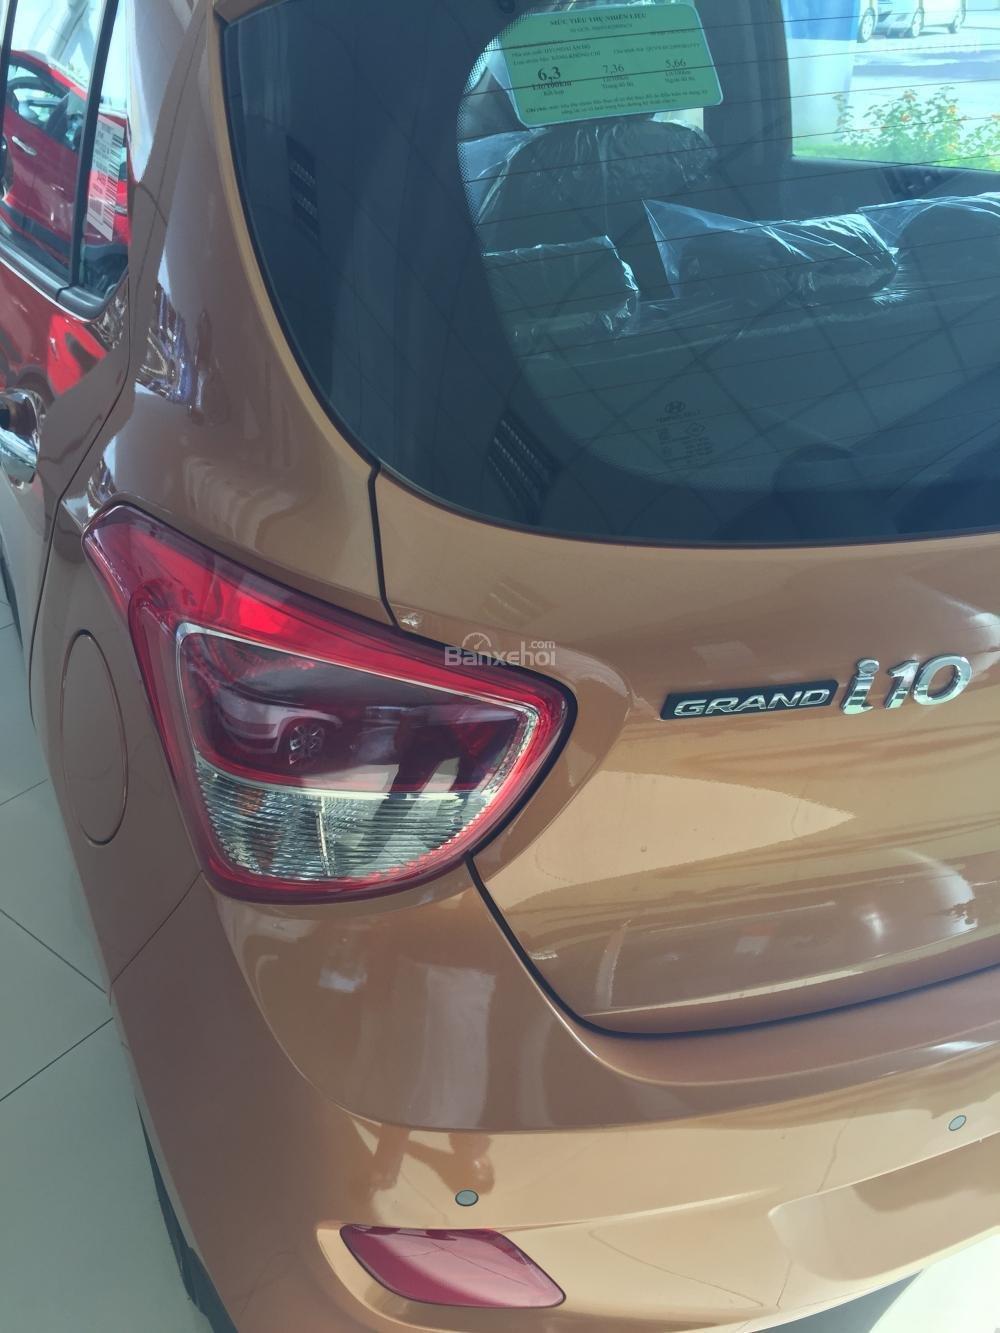 Tin hot! Bán xe Hyundai Grand i10 mới nhất, giá rẻ, khuyến mại hấp dẫn, mua trả góp-4